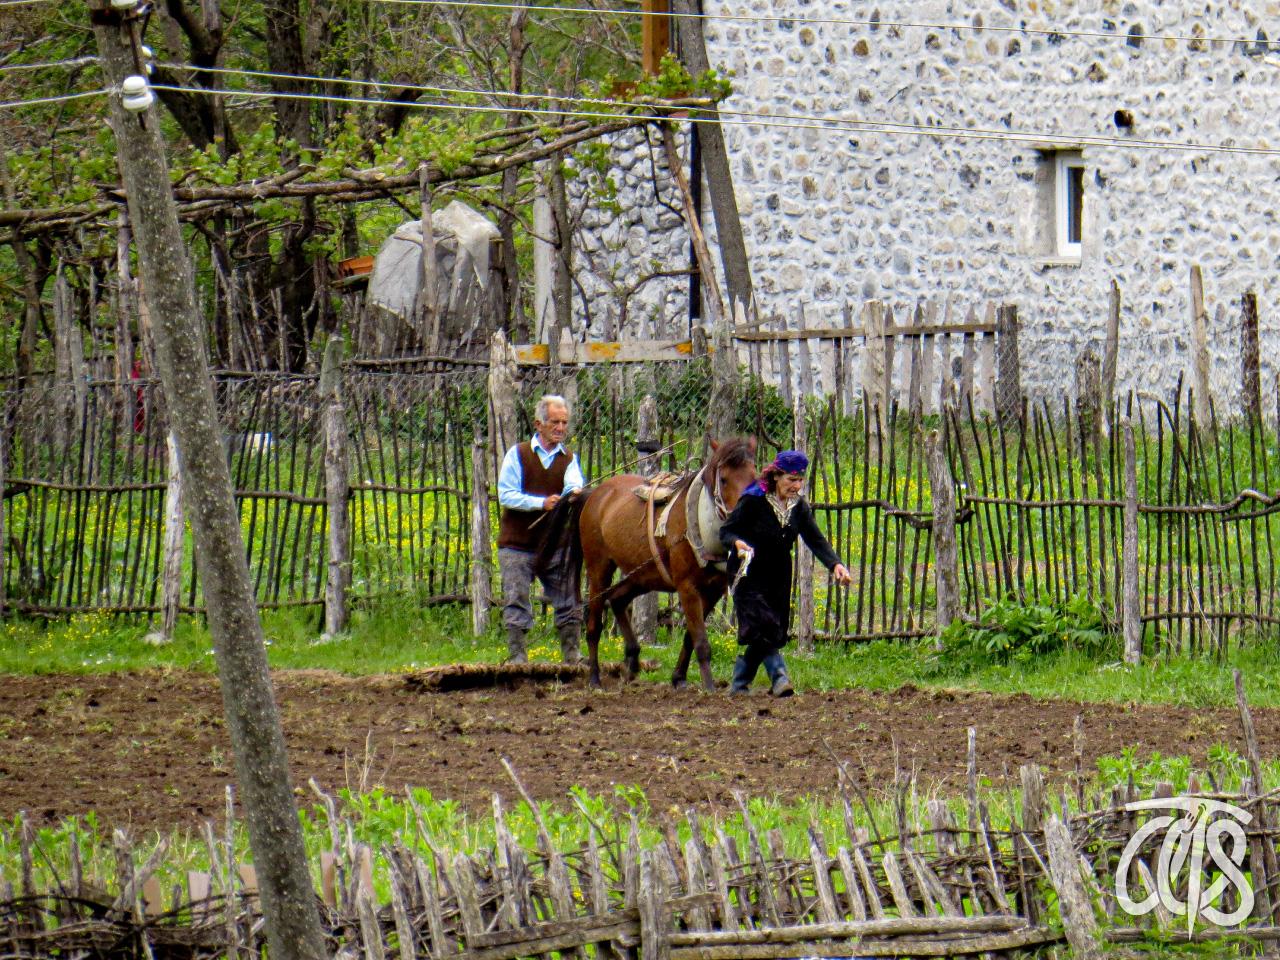 素朴な生活を営む村人たち